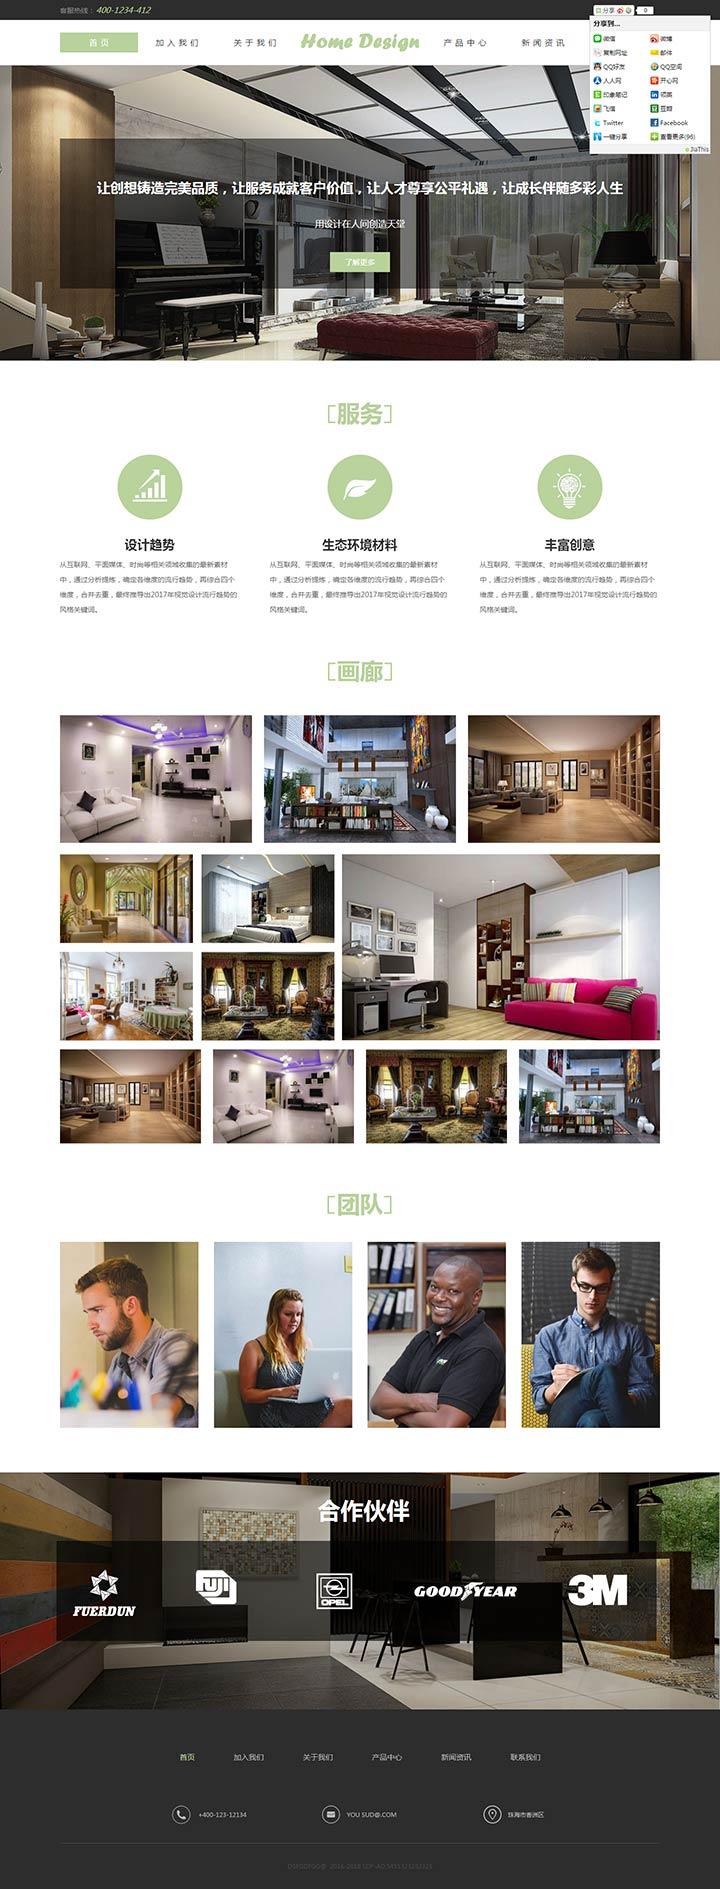 装修设计行业网站